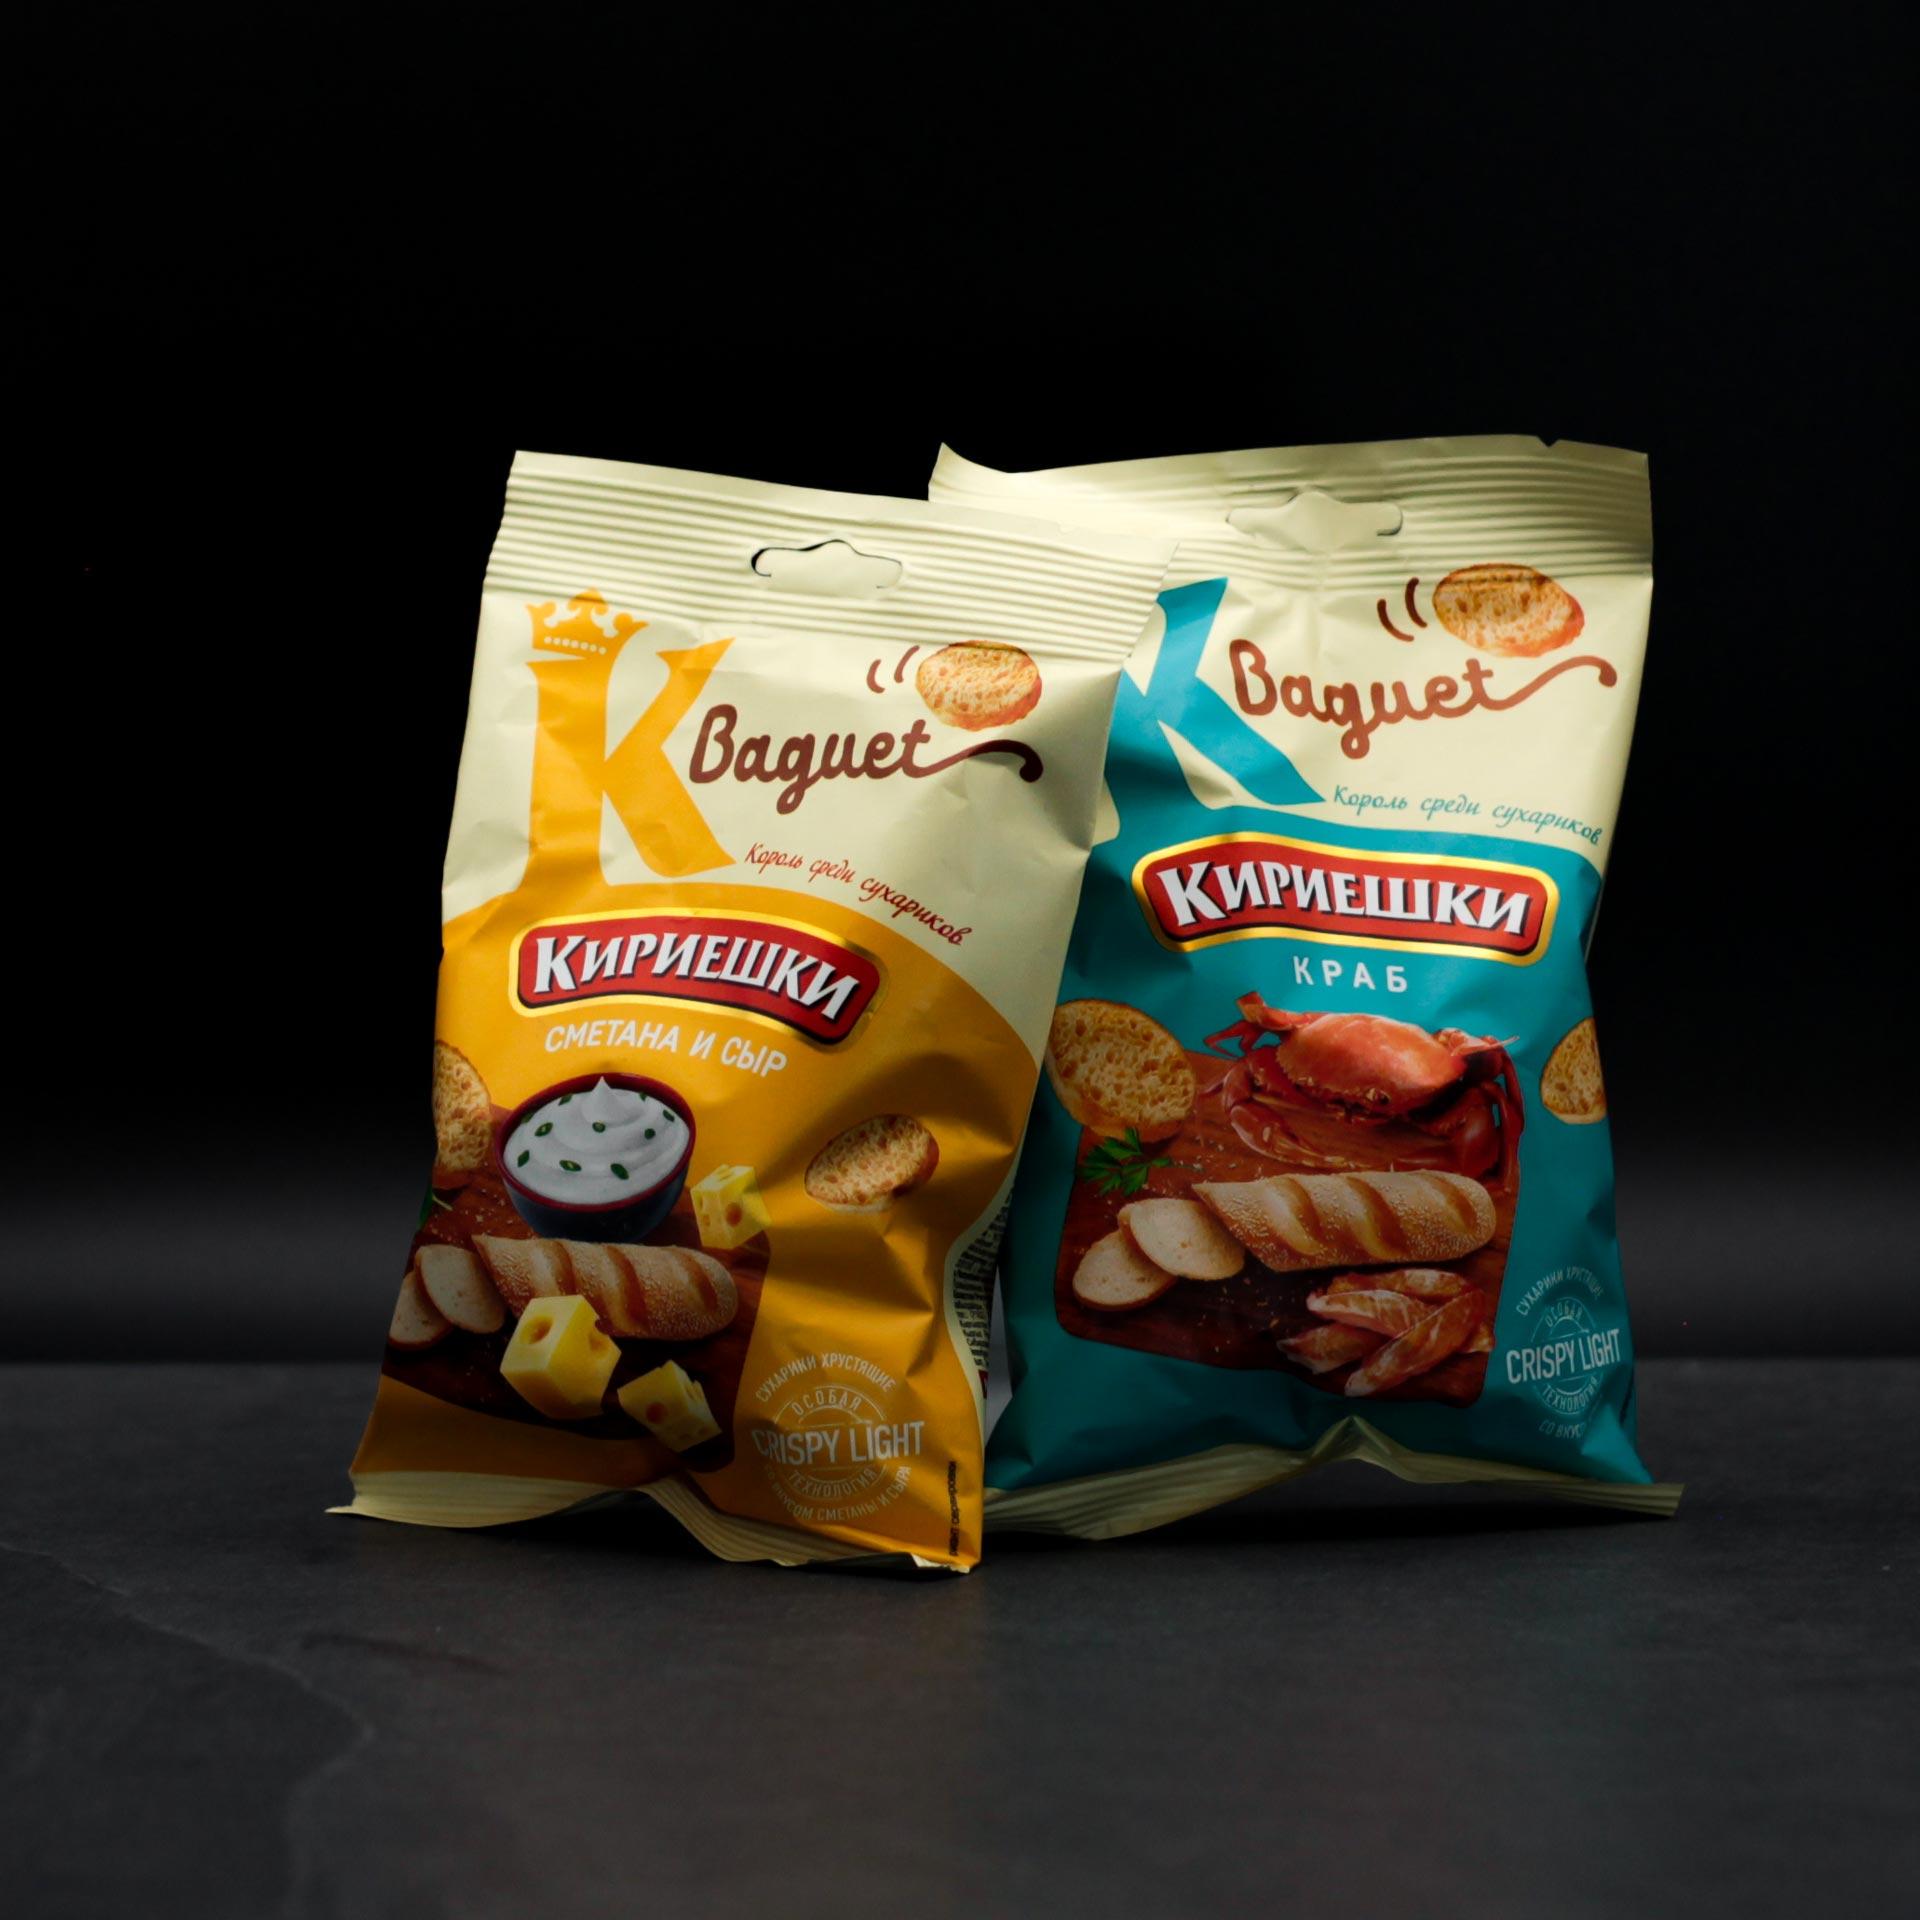 Baguet Chips